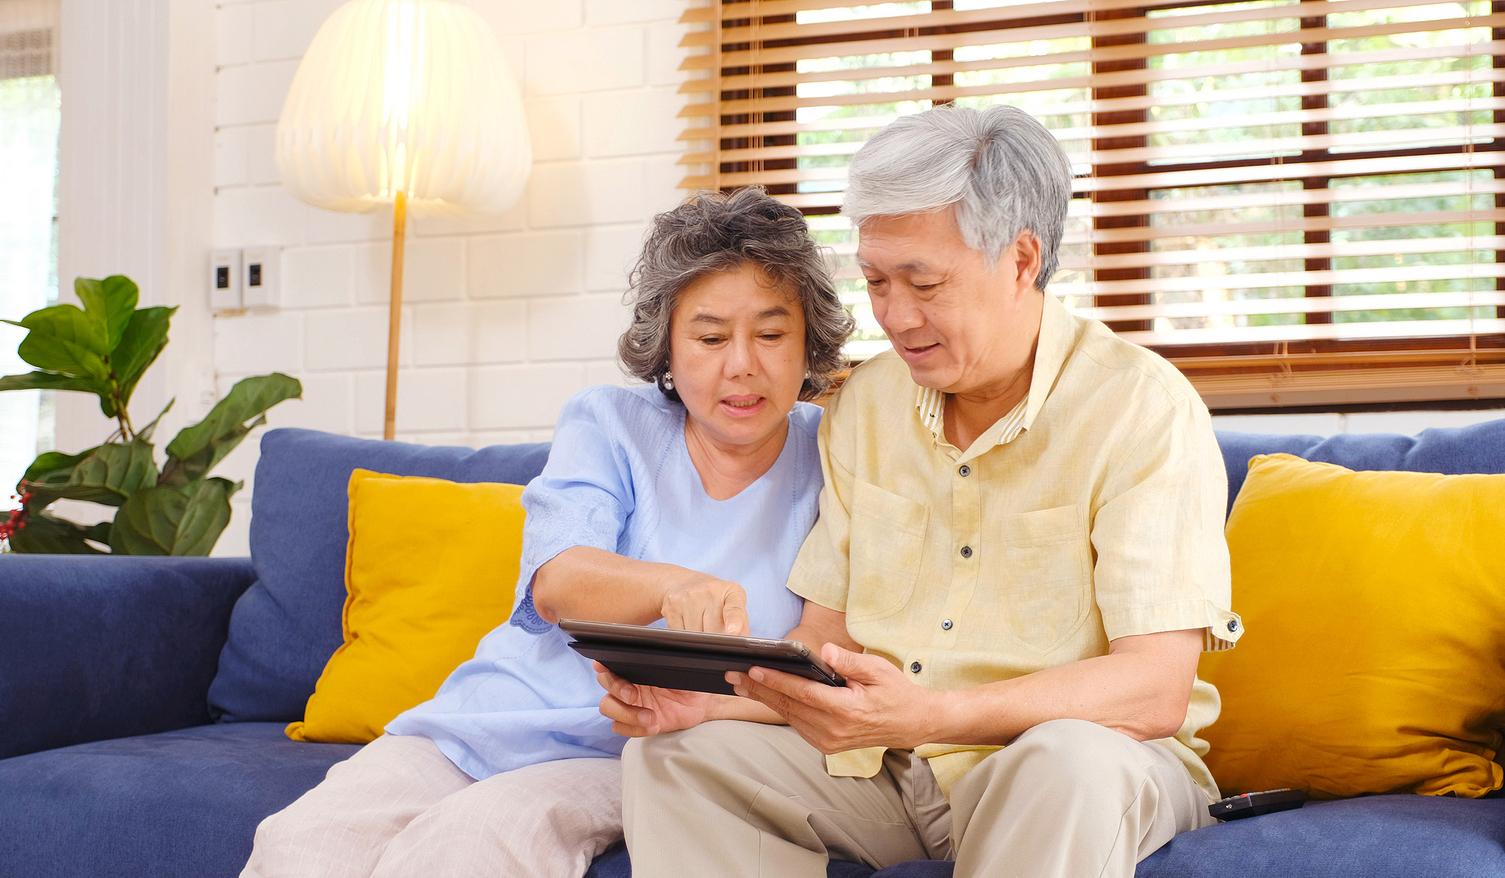 Tips for Optimizing Your Senior Living